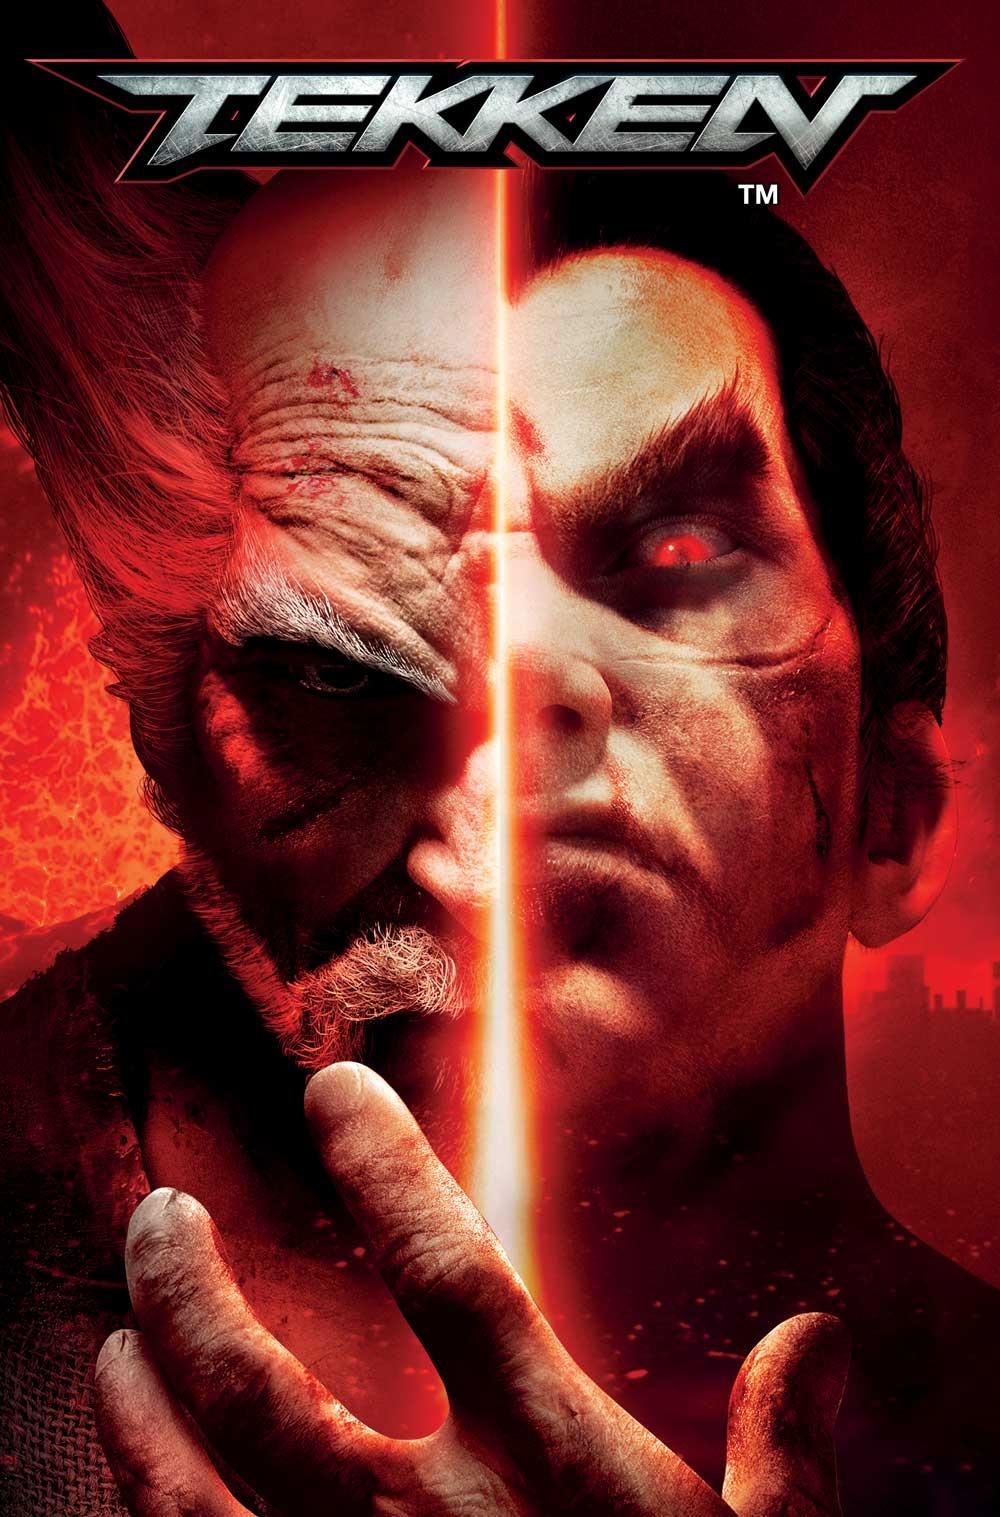 Tekken_01_COVER_D_GAME_COVER.jpg